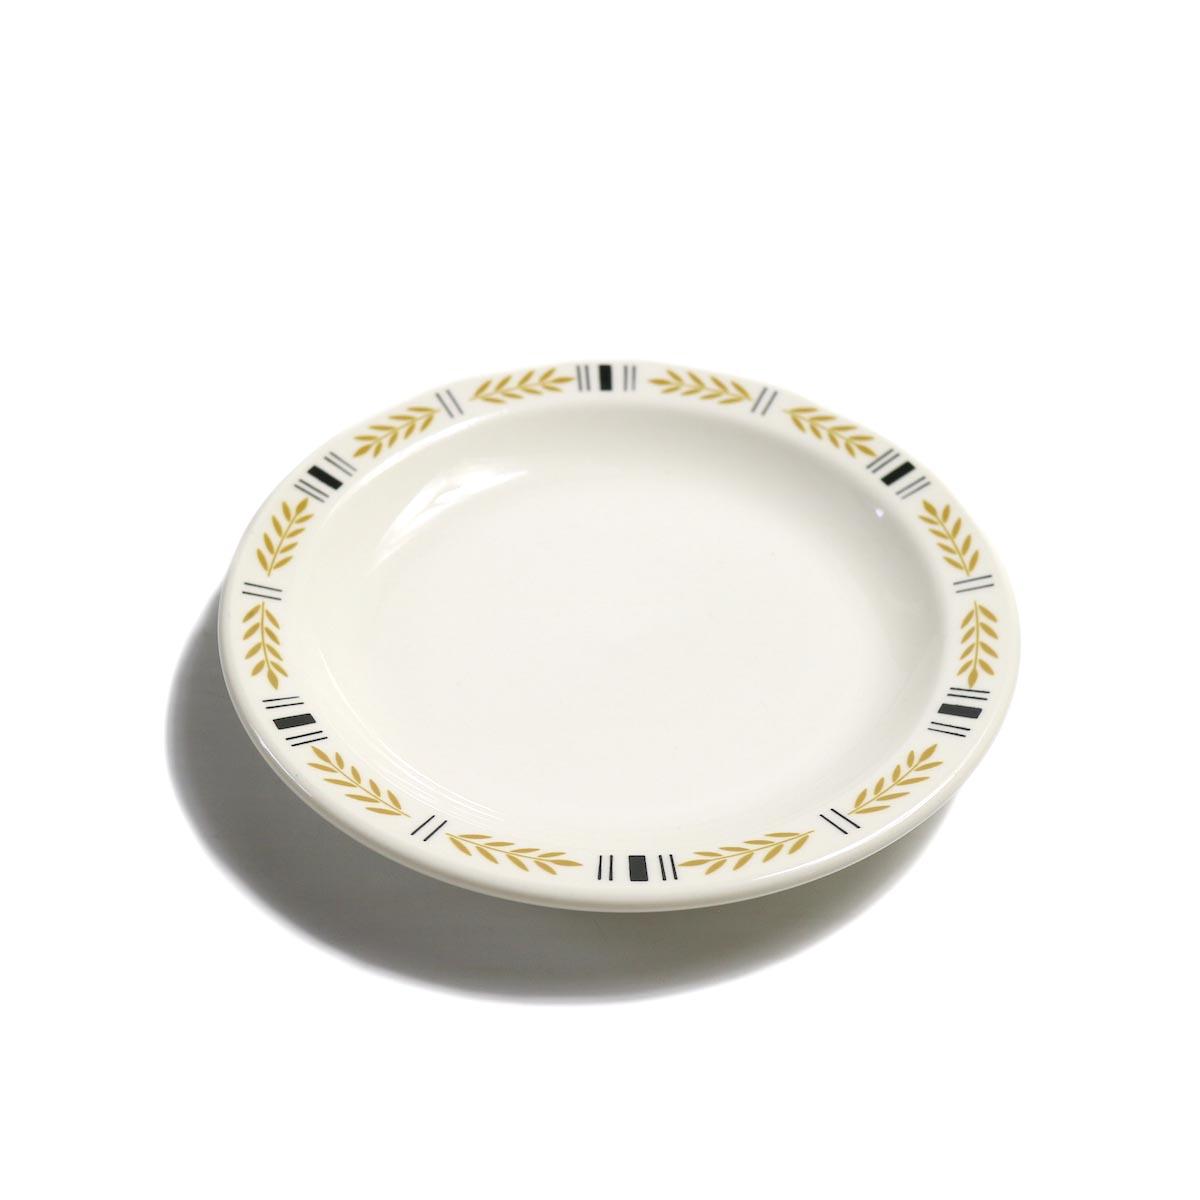 HOMER LAUGHLIN / US.NAVY DISH PLATE